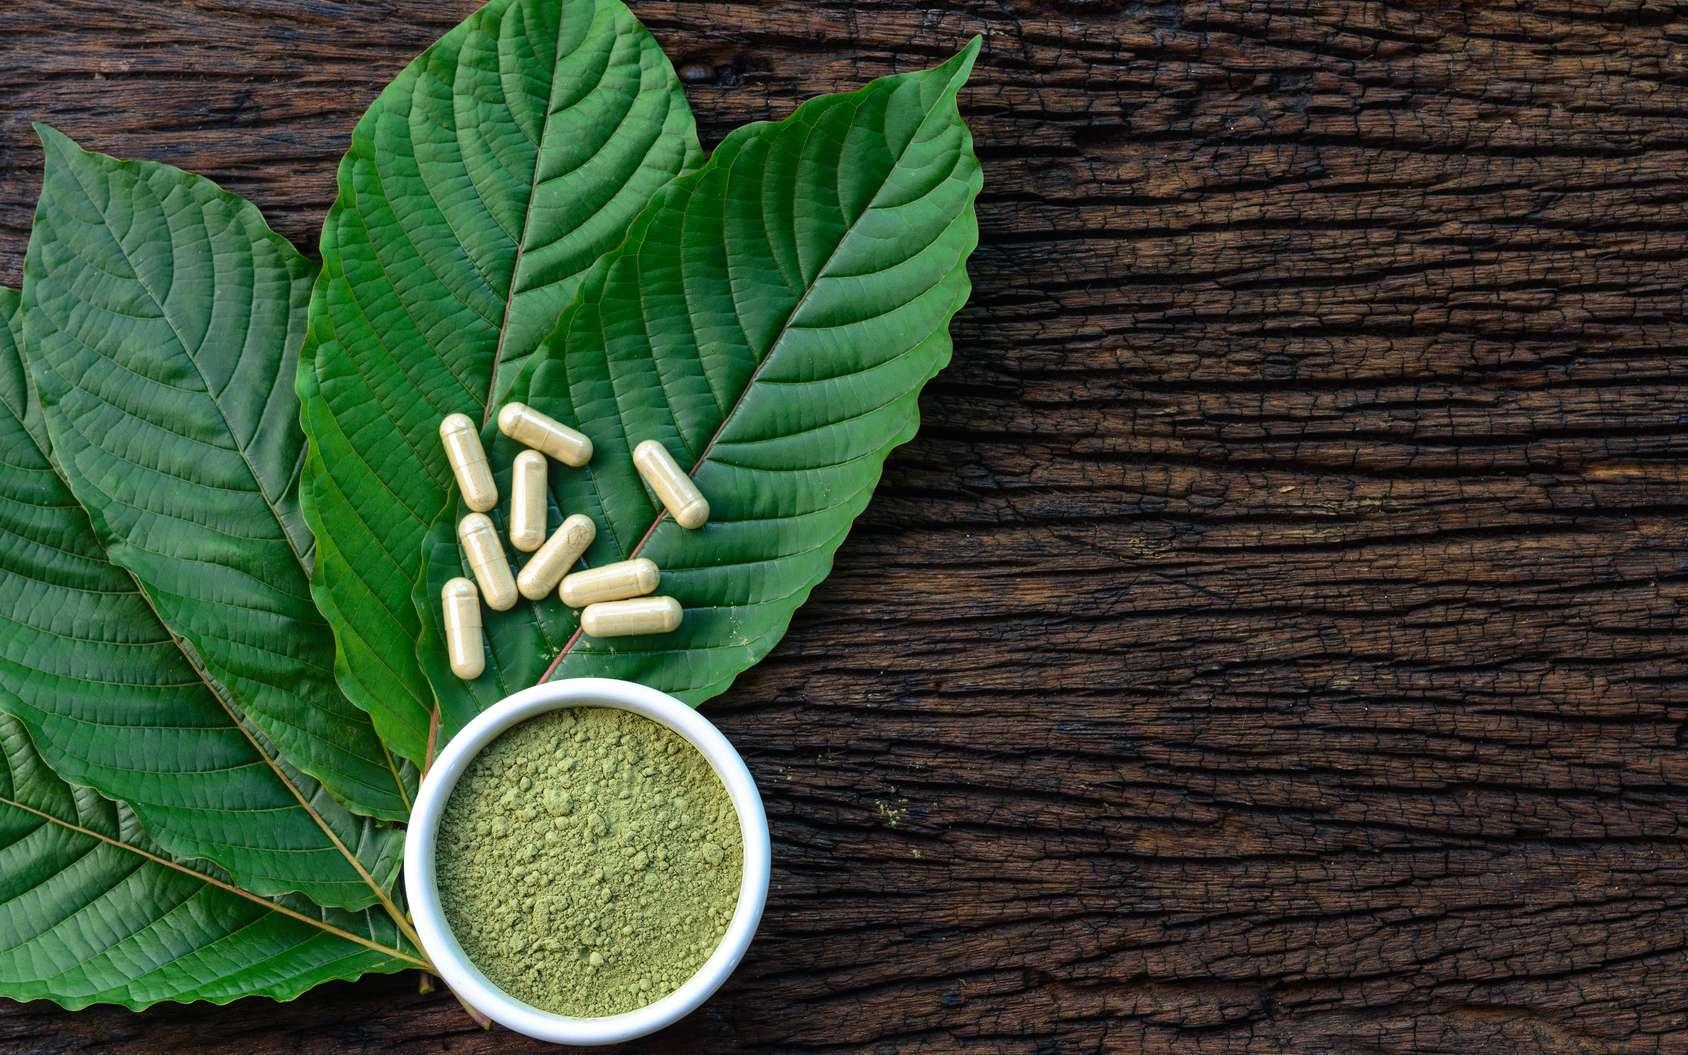 L'utilisation du kratom, une plante d'Asie du Sud-Est, peut provoquer divers effets secondaires. © Yanawut Suntornkij, Fotolia